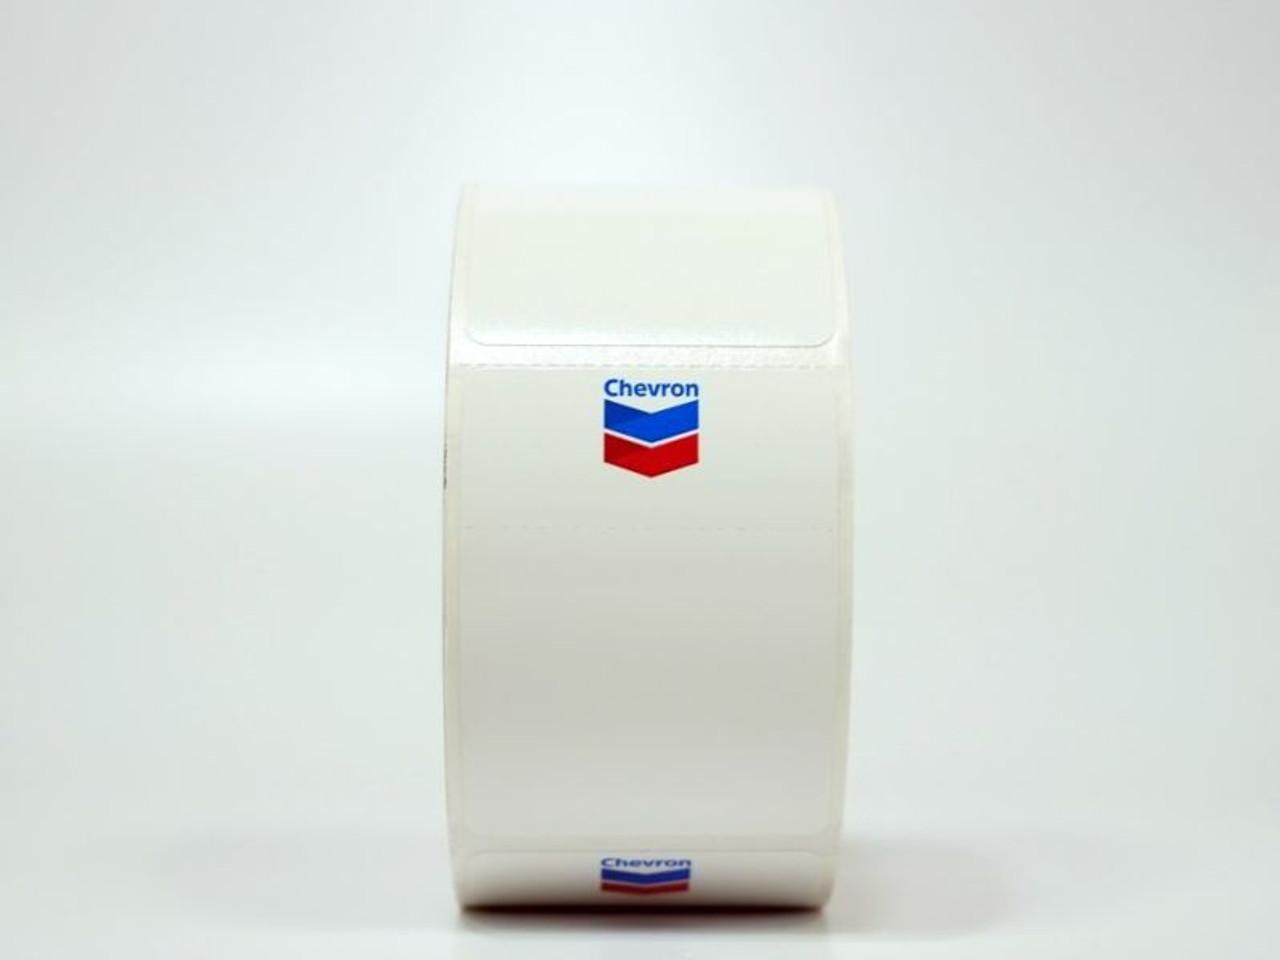 Chevron Oil Change Sticker - printer compatible!